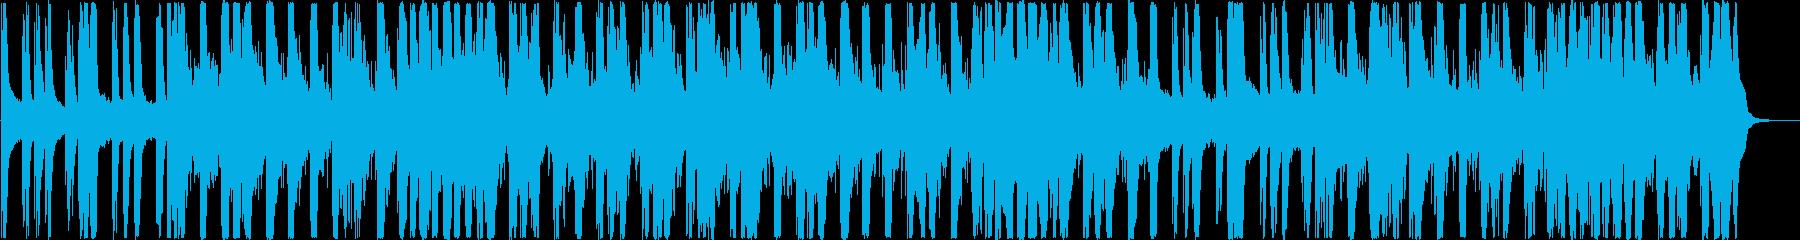 動画 感情的 楽しげ やる気 ad...の再生済みの波形